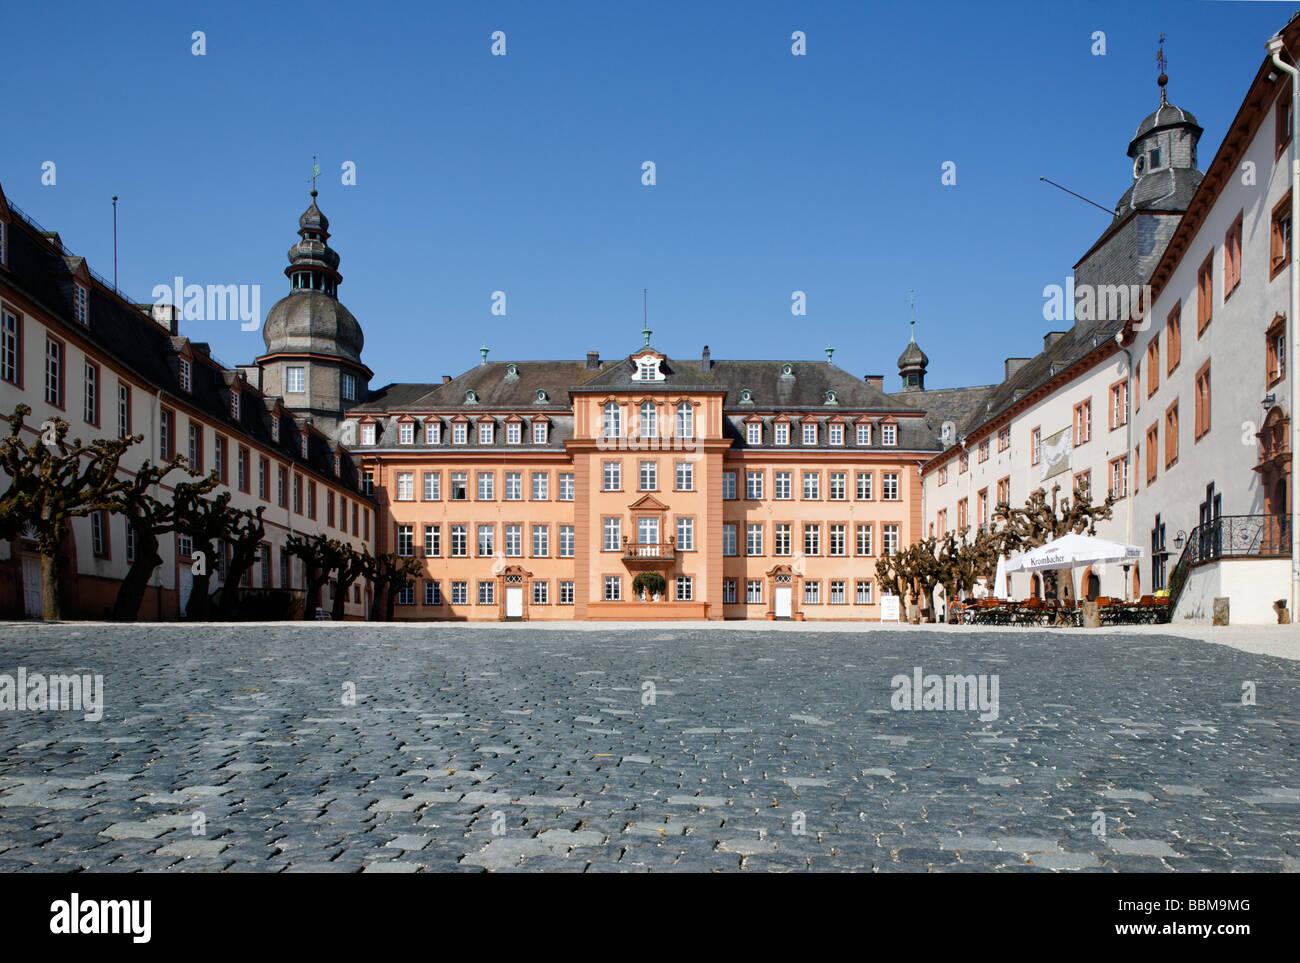 Schlossplatz und Schloss Berleburg, Bad Berleburg, Bezirk von Siegen ...